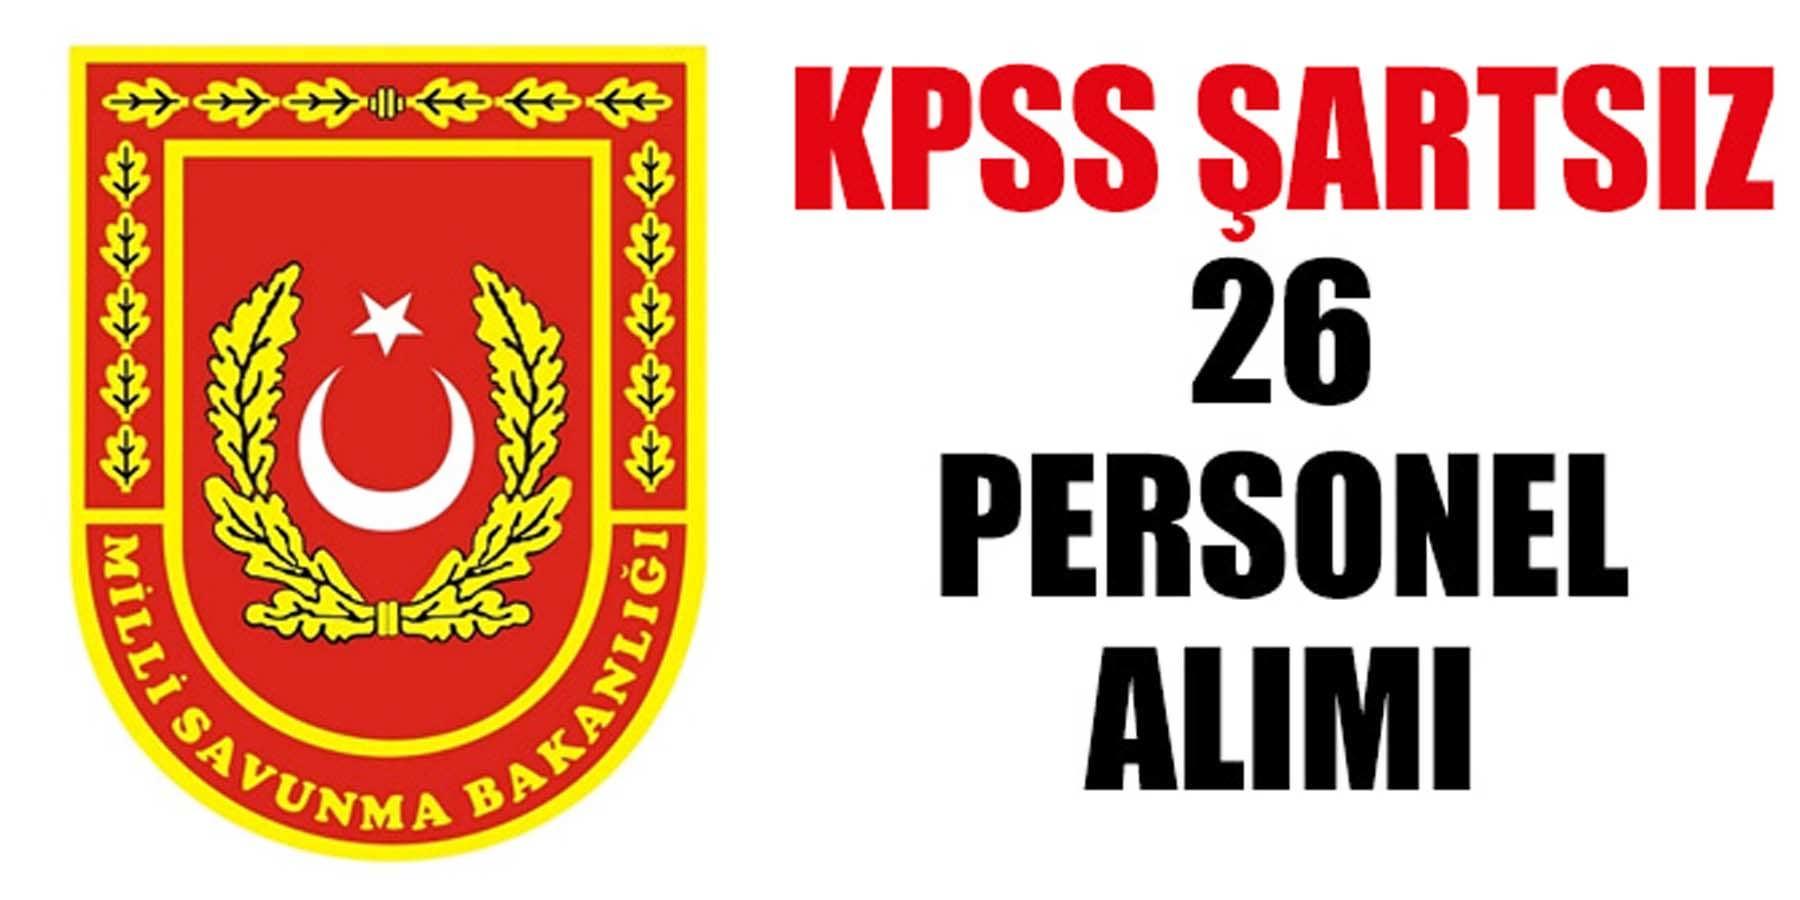 Milli Savunma Bakanlığı KPSS Şartsız 26 Personel Alımı